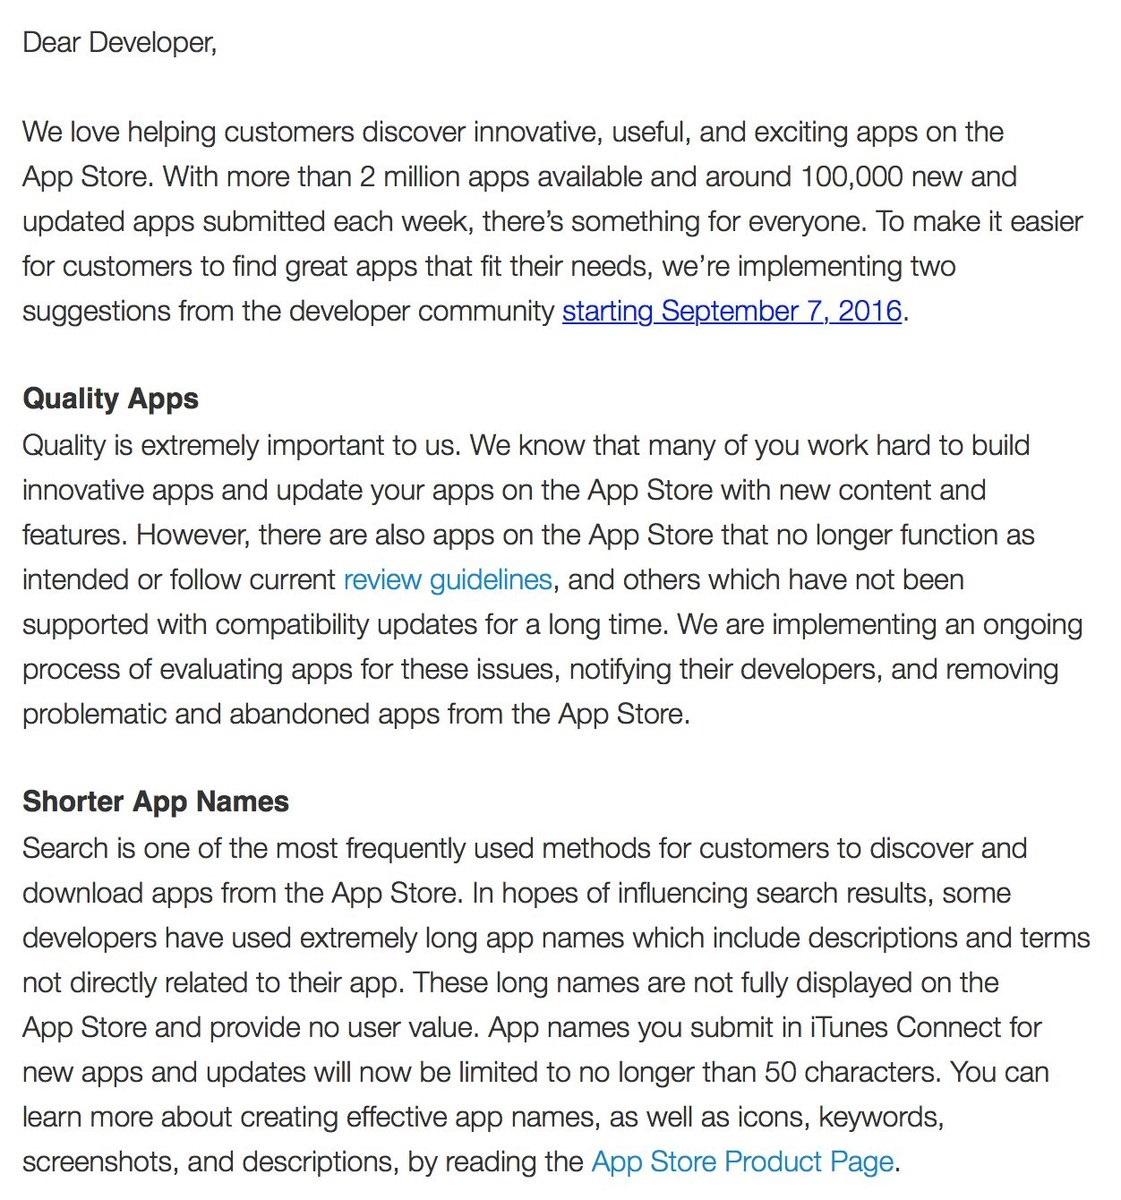 carta aos programadores da apple